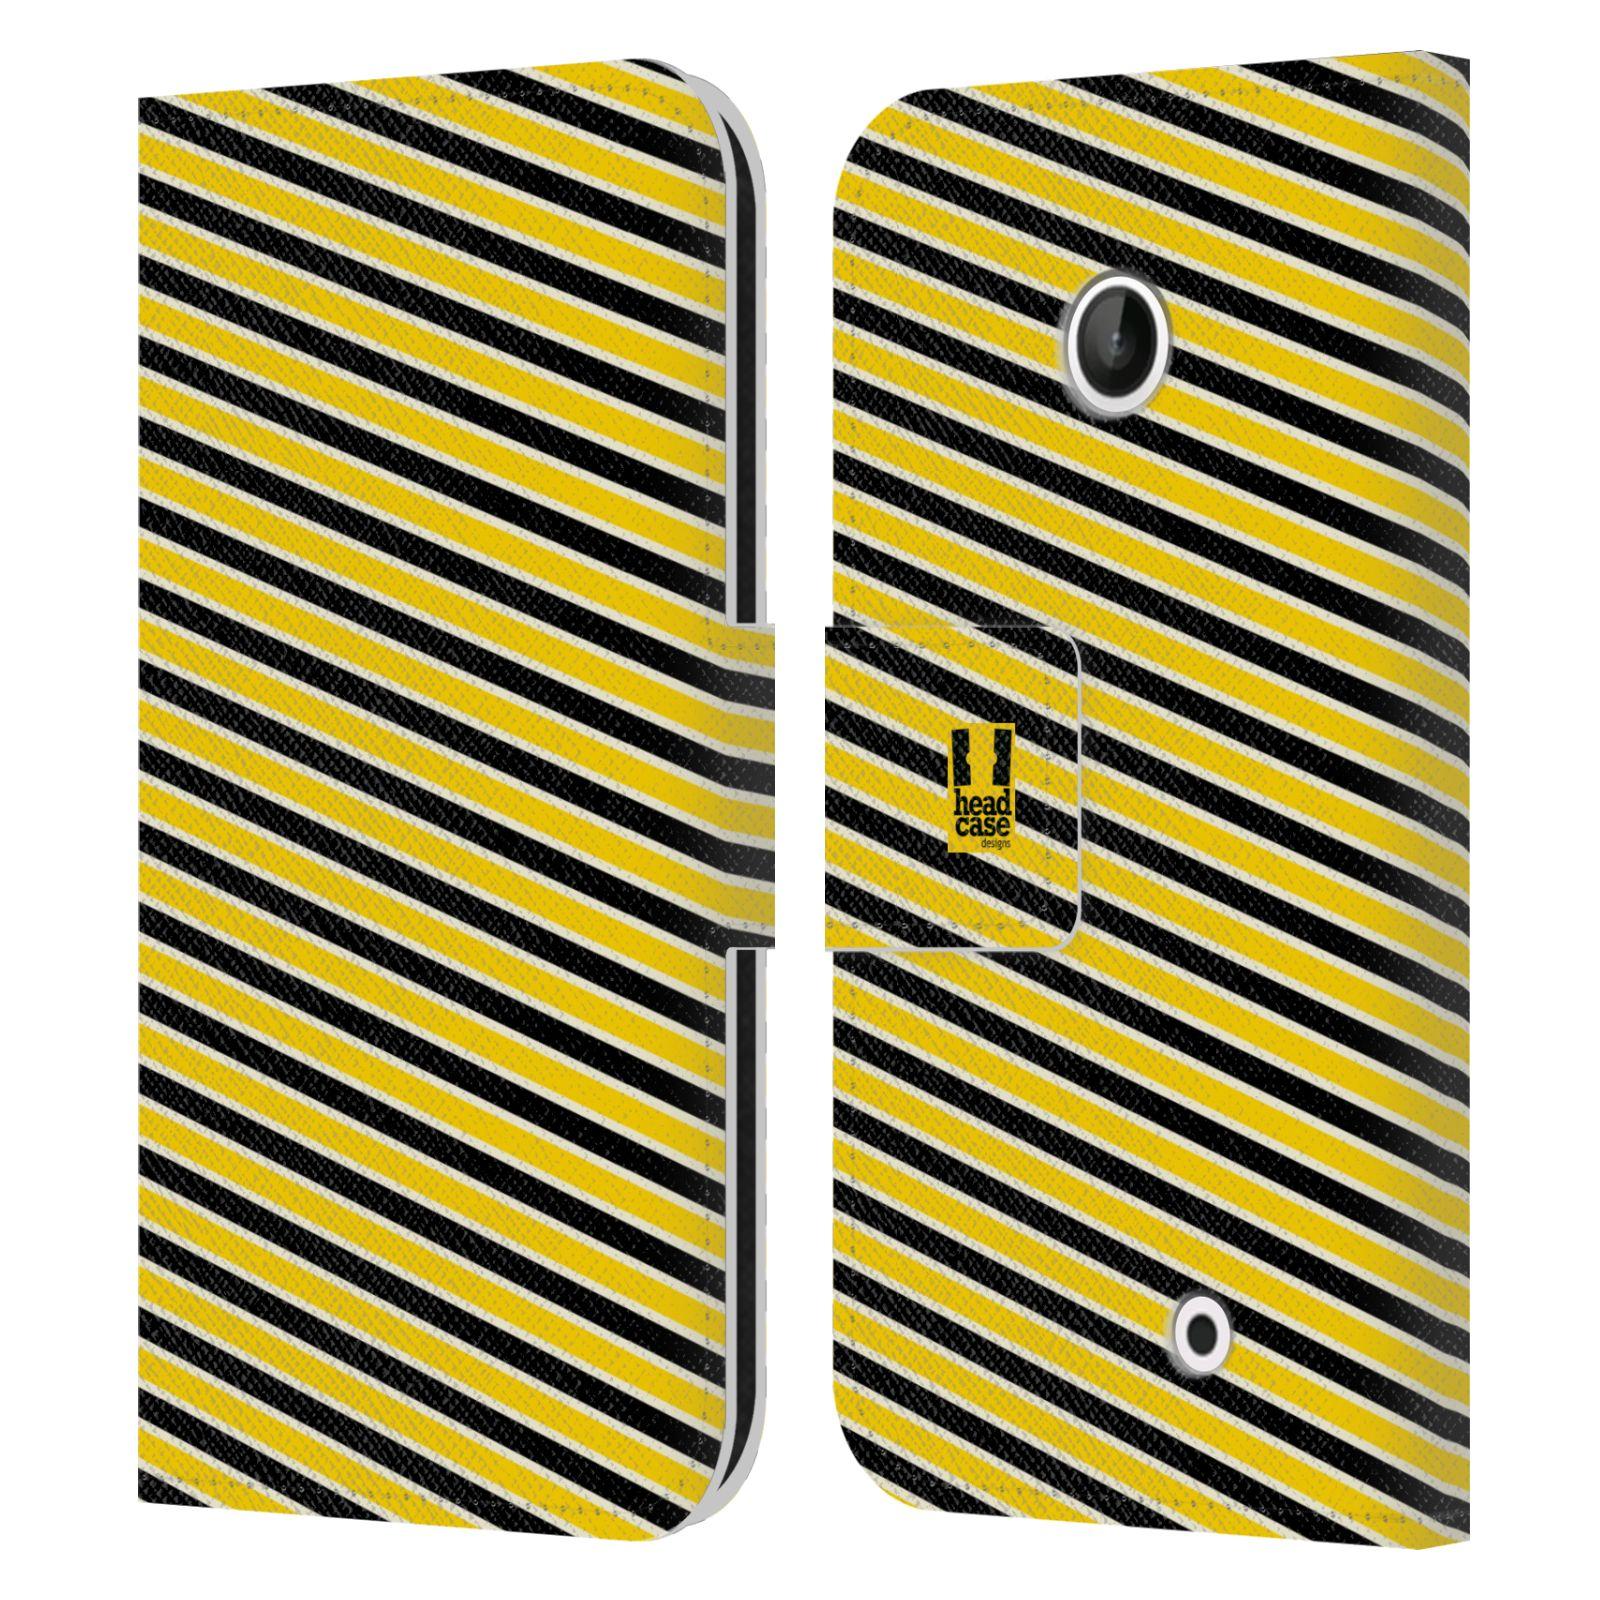 HEAD CASE Flipové pouzdro pro mobil NOKIA LUMIA 630 / LUMIA 630 DUAL VČELÍ VZOR pruhy žlutá a černá